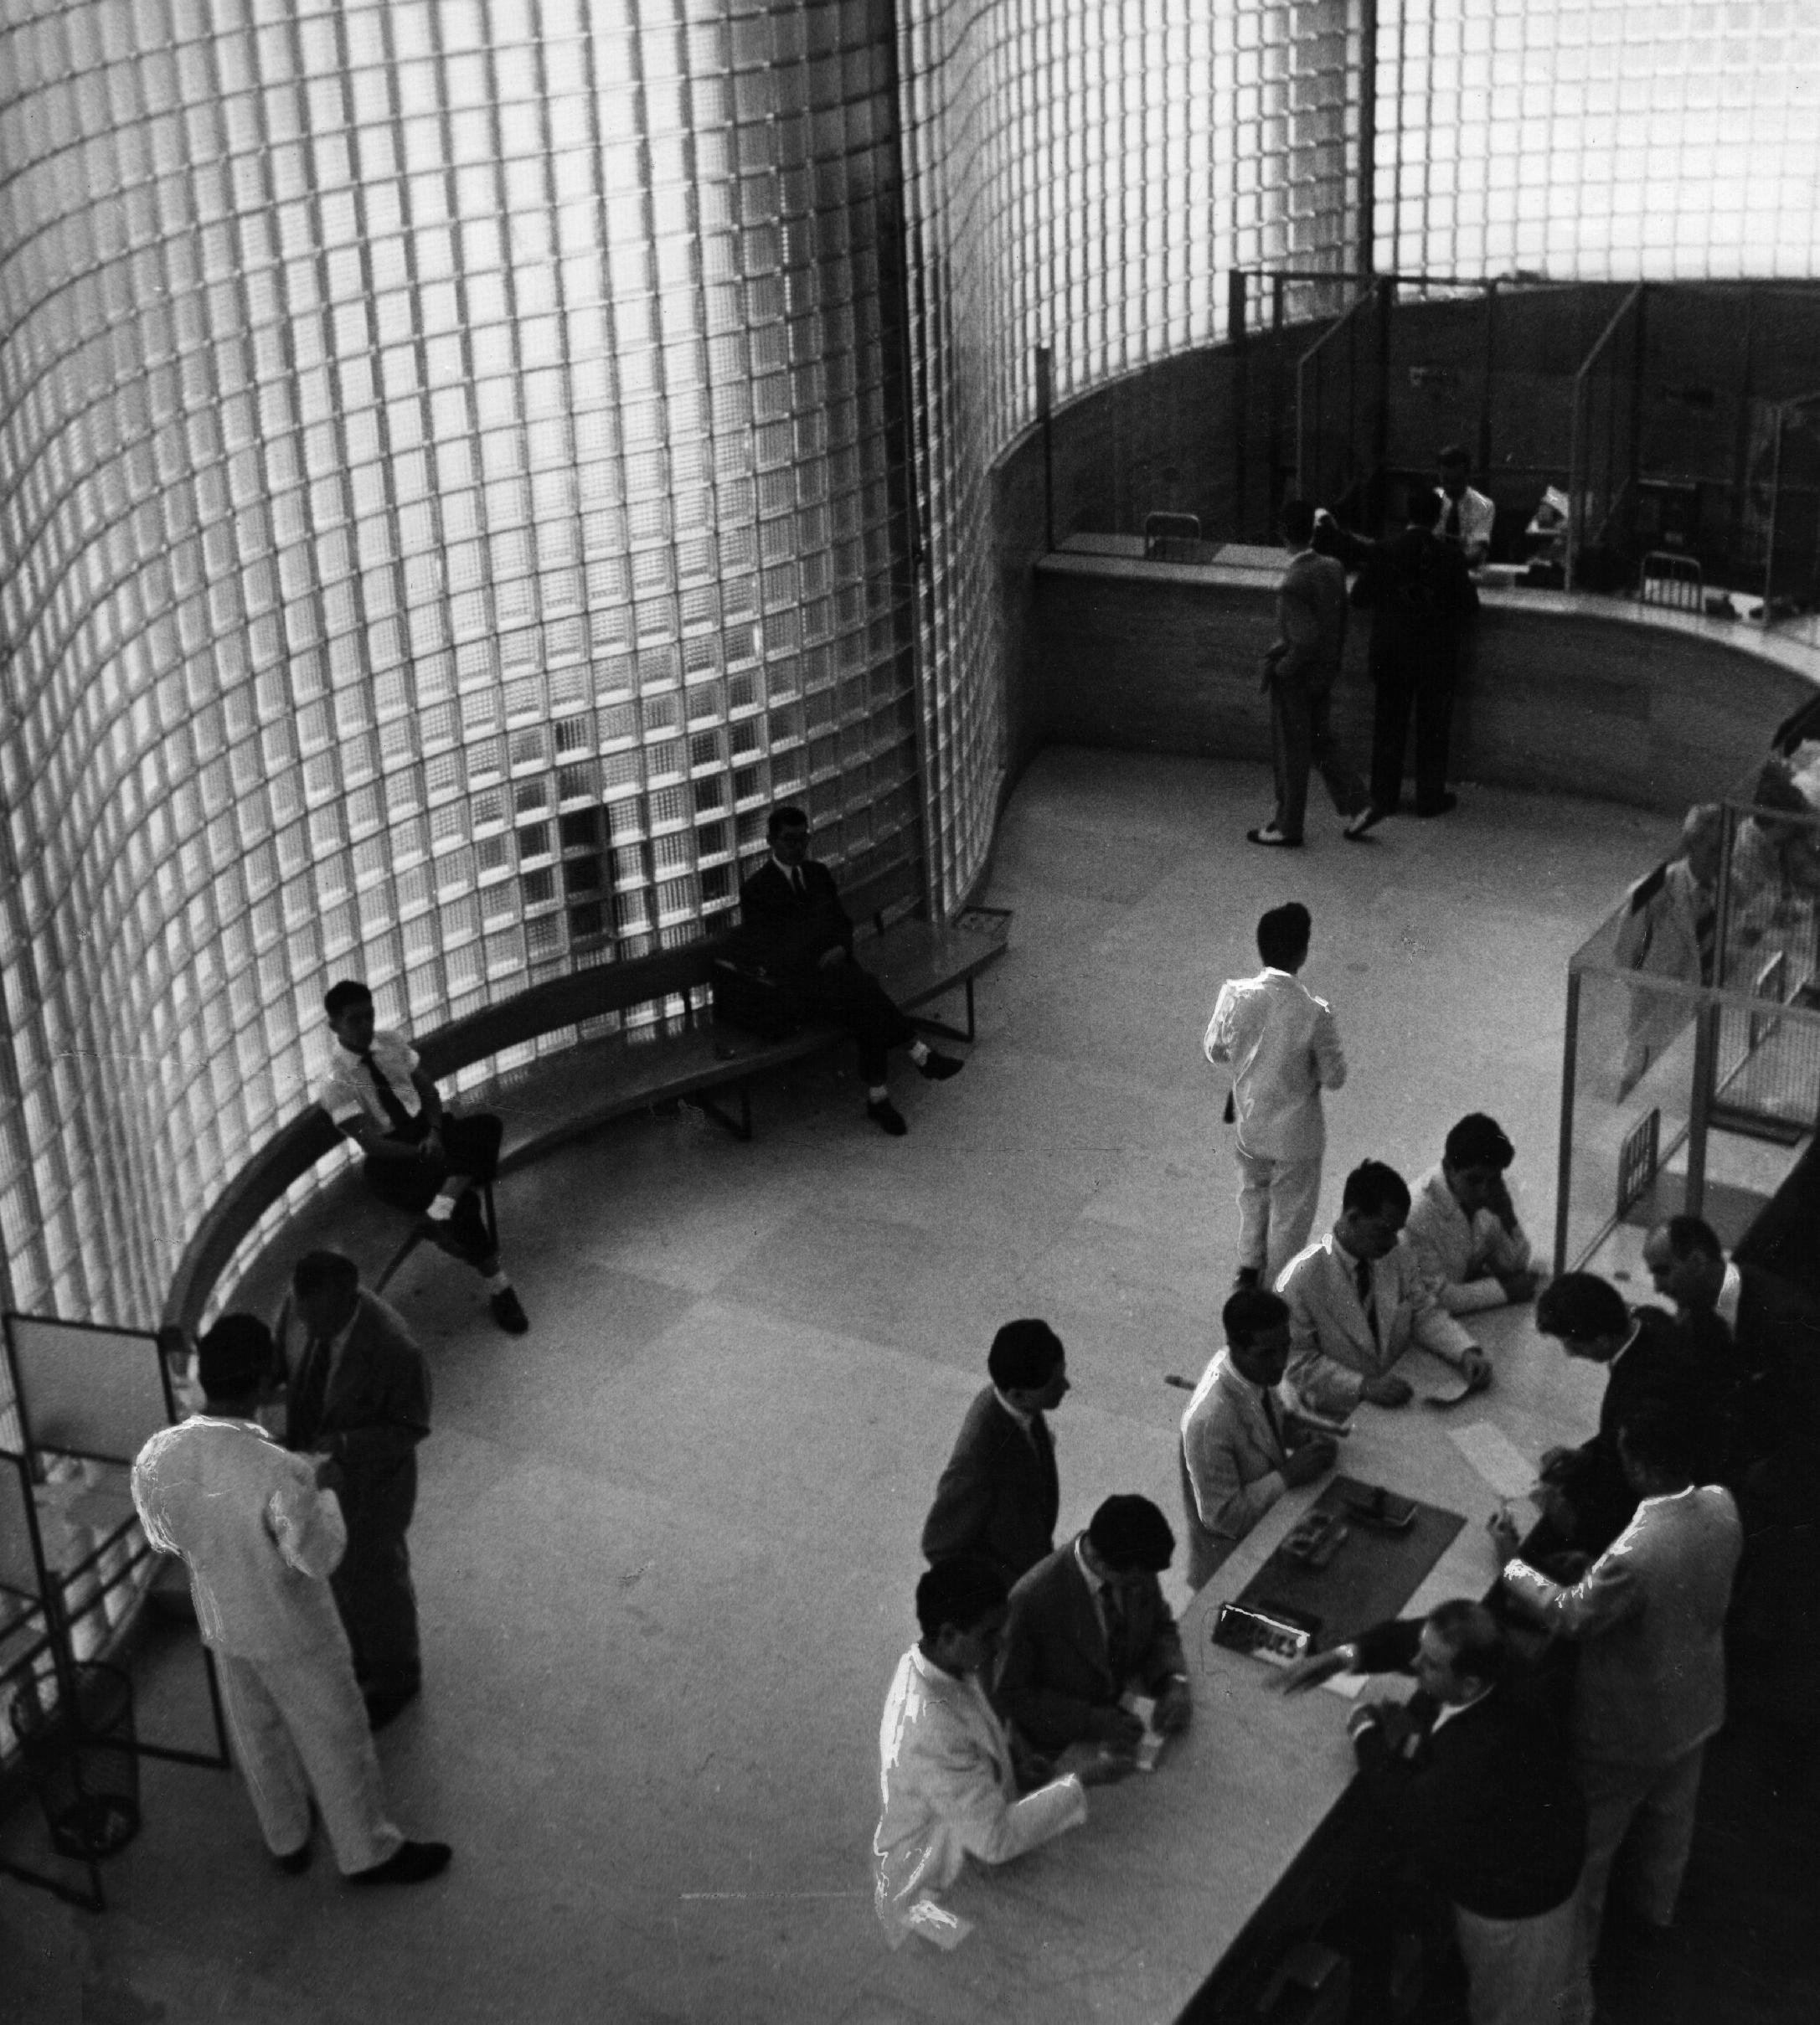 Paredes de vidro e interior do Banco Boavista, projeto de Oscar Niemeyer (Foto por Kurt Hutton/Getty Images)